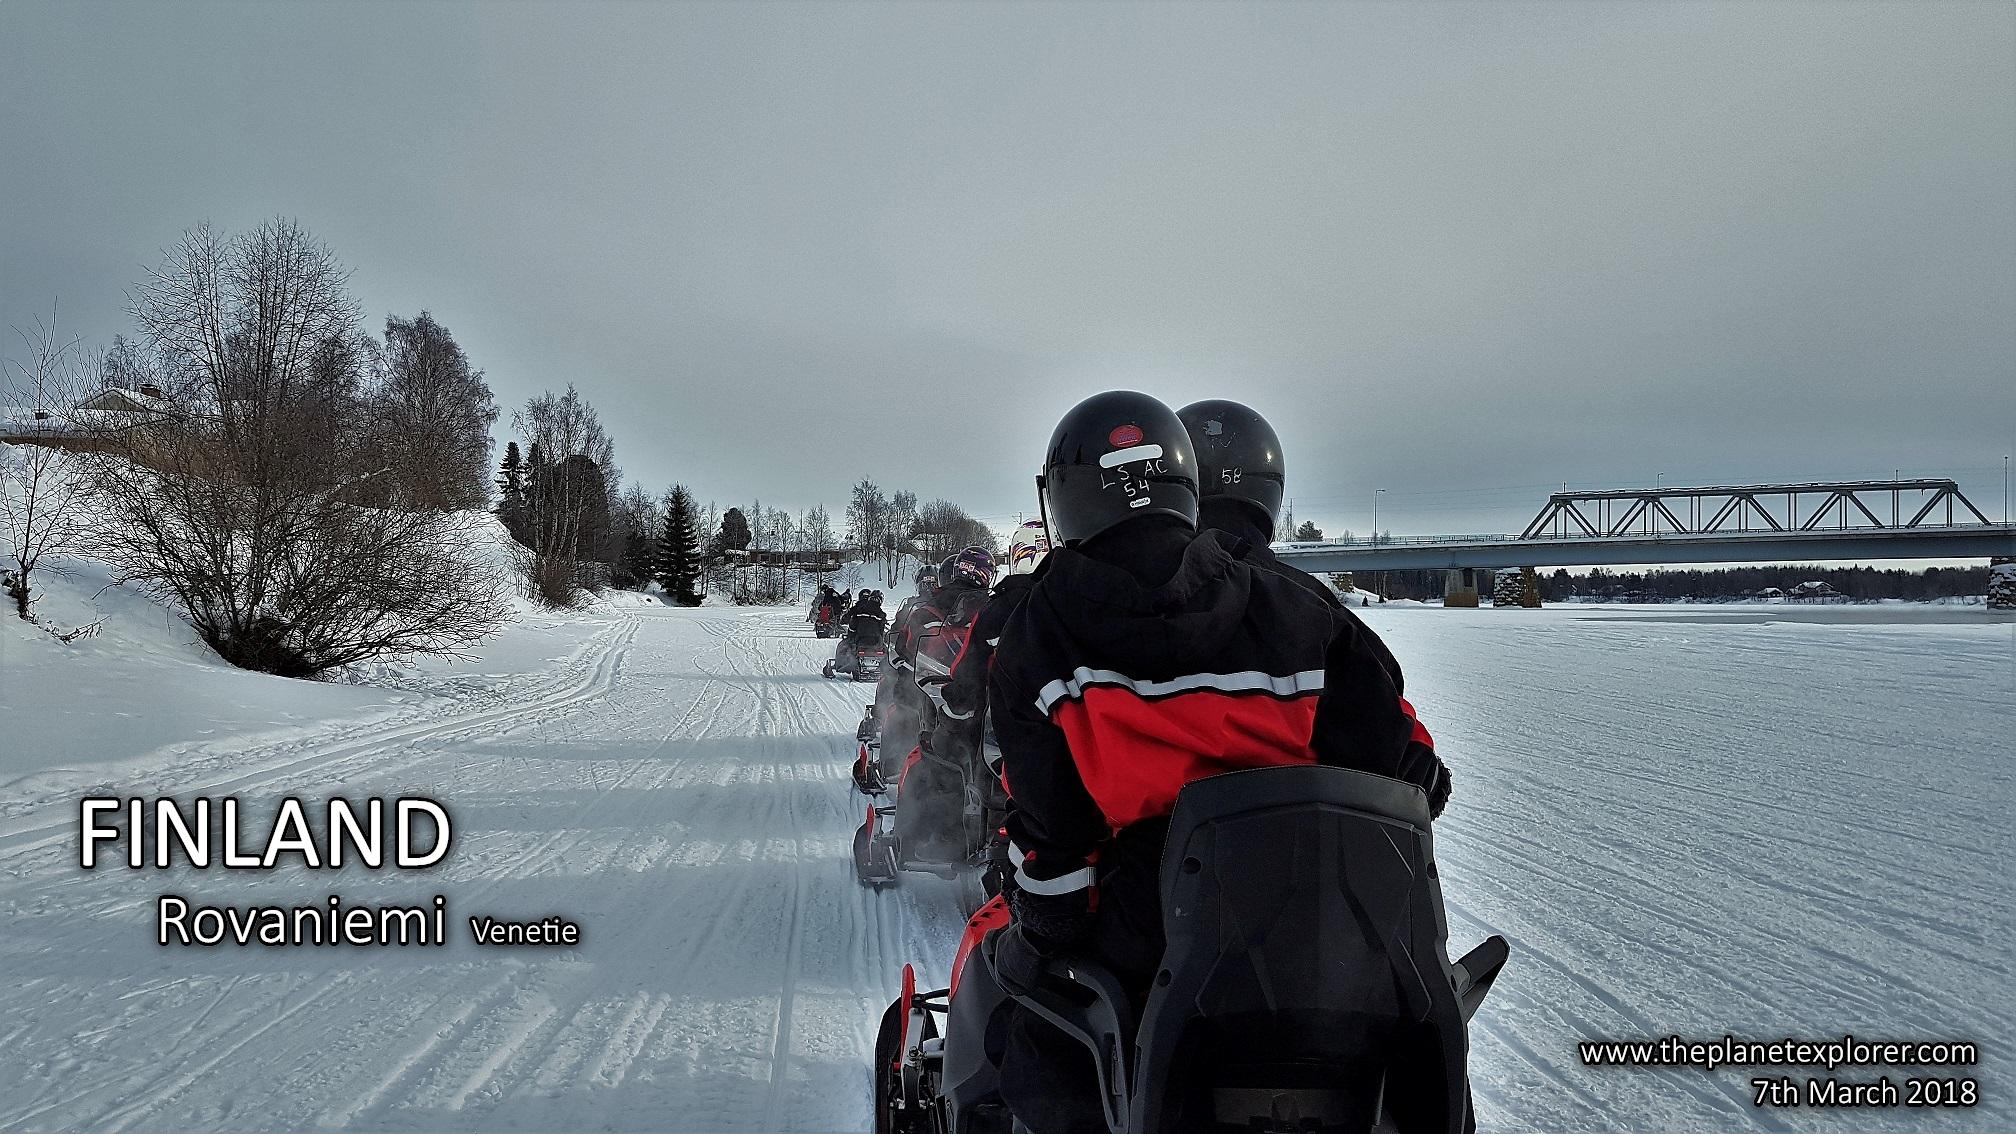 20180307_1144_Finland_Rovaniemi_Venetie 4_Snowmobile_Samsung Note 8_LR_@www